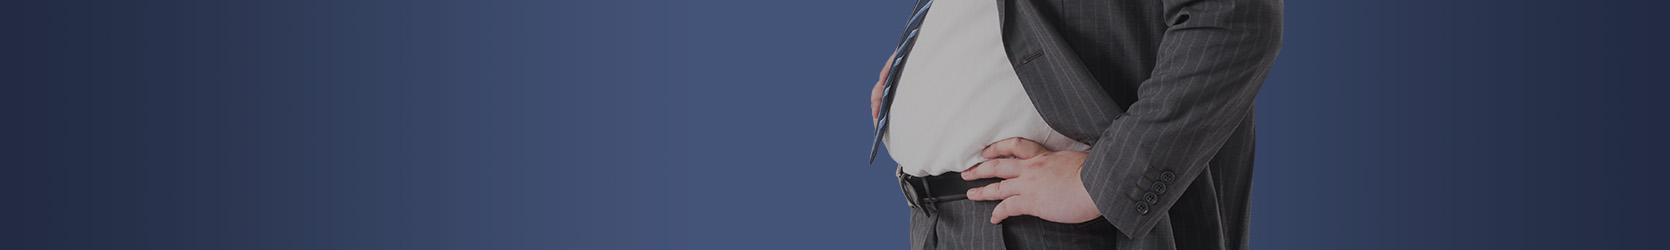 肥満(ダイエット)治療